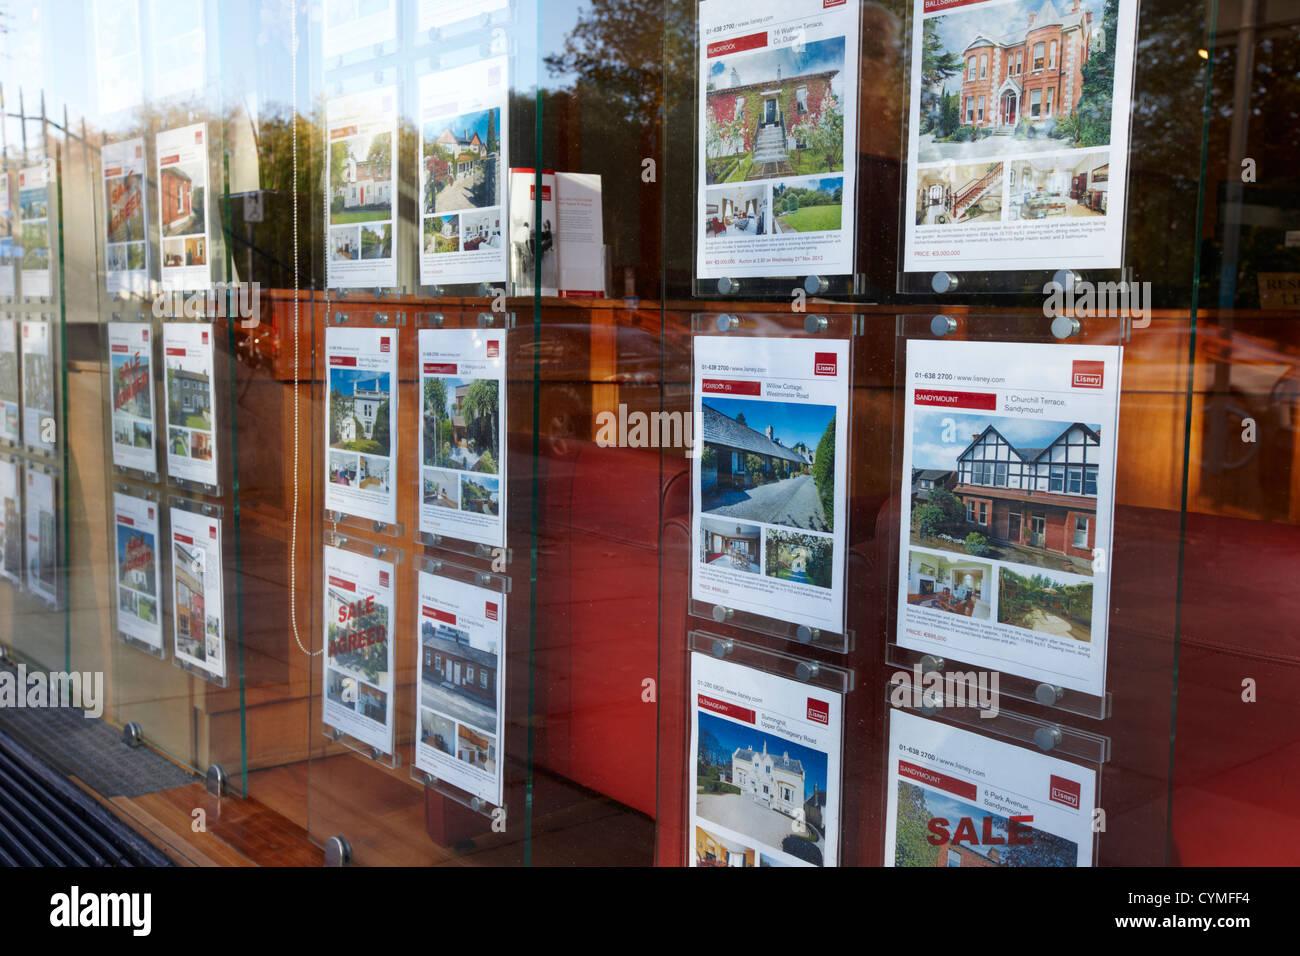 Immobilien zum Verkauf in einem Makler-Fenster im zentralen Dublin Irland Stockbild